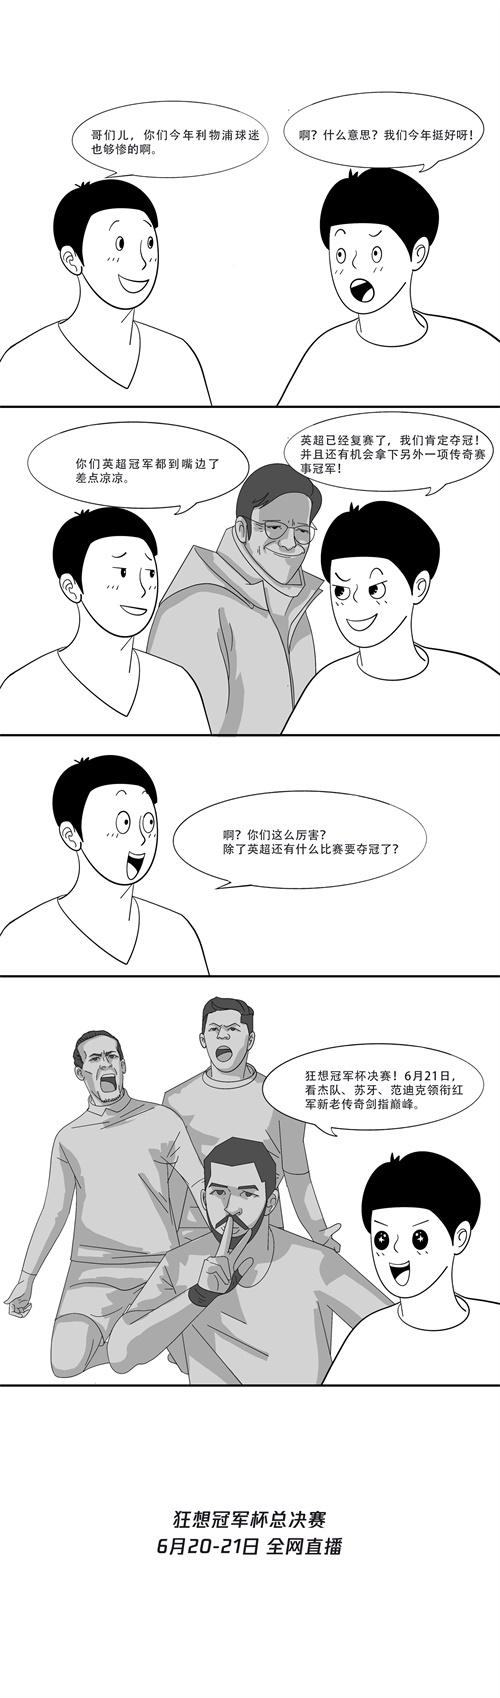 【狂想冠军杯】终局之战,究竟谁能问鼎冠军?